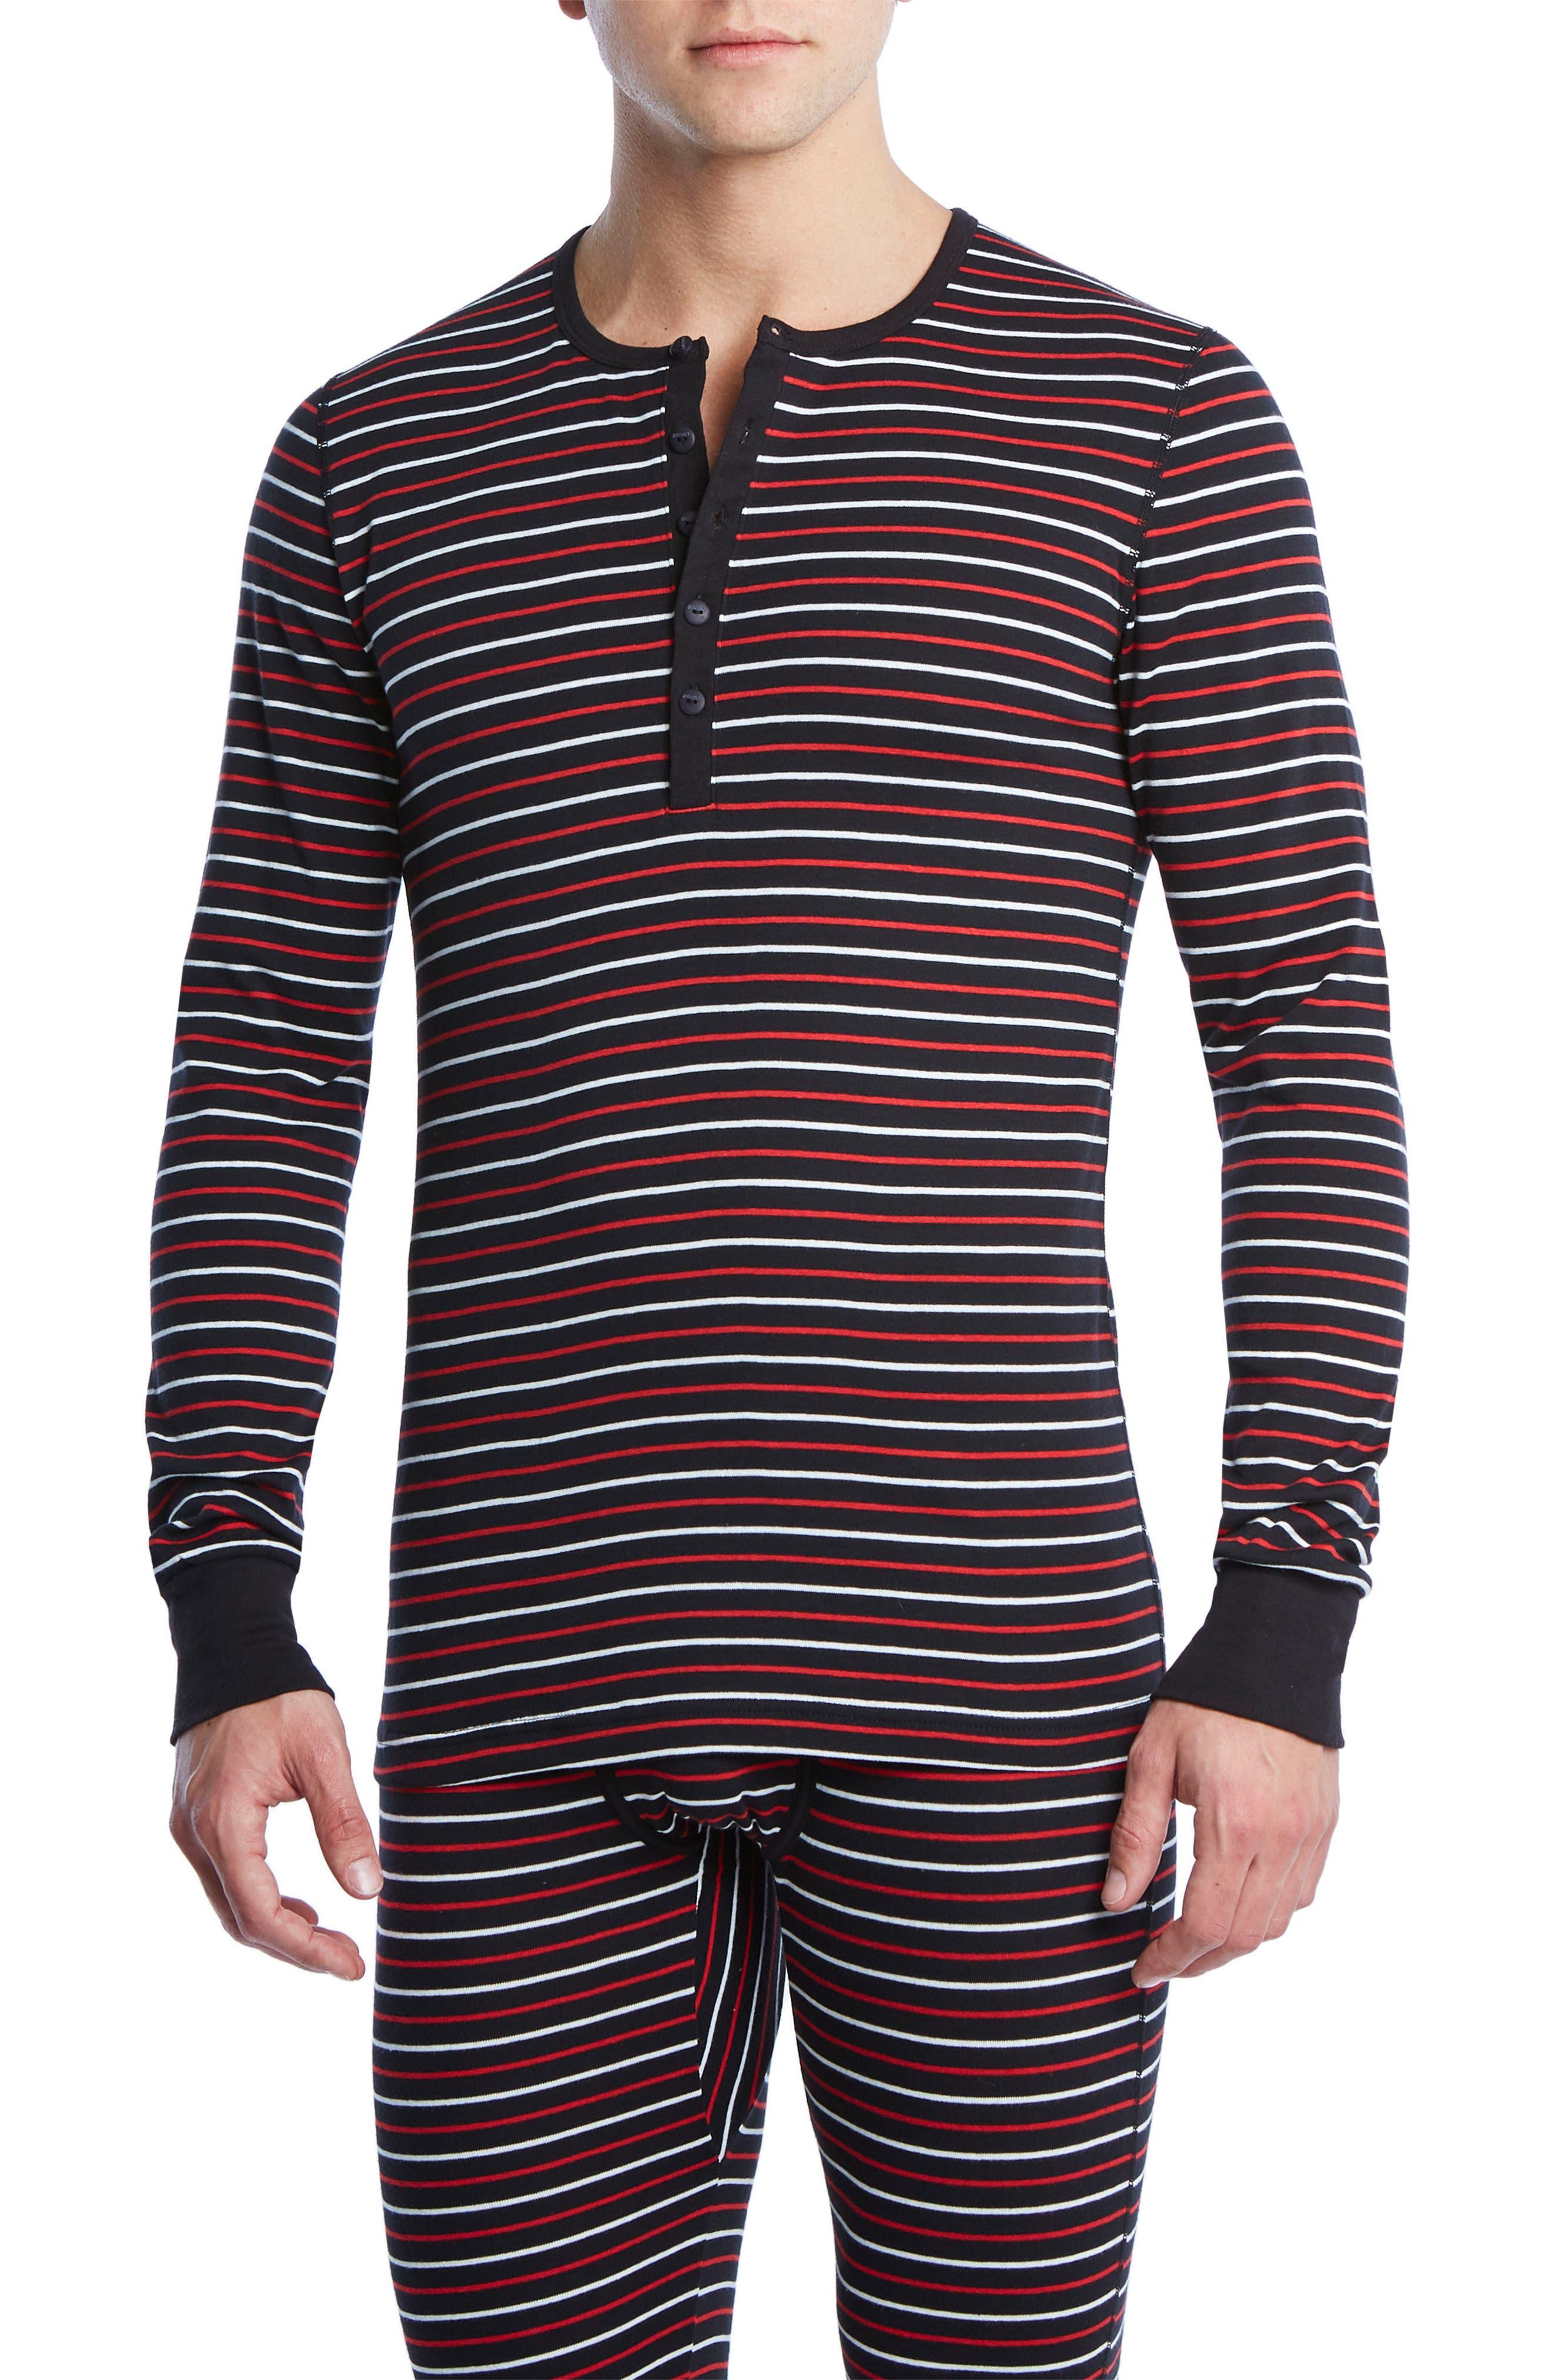 Cotton Henley,                             Main thumbnail 1, color,                             Stripe Black